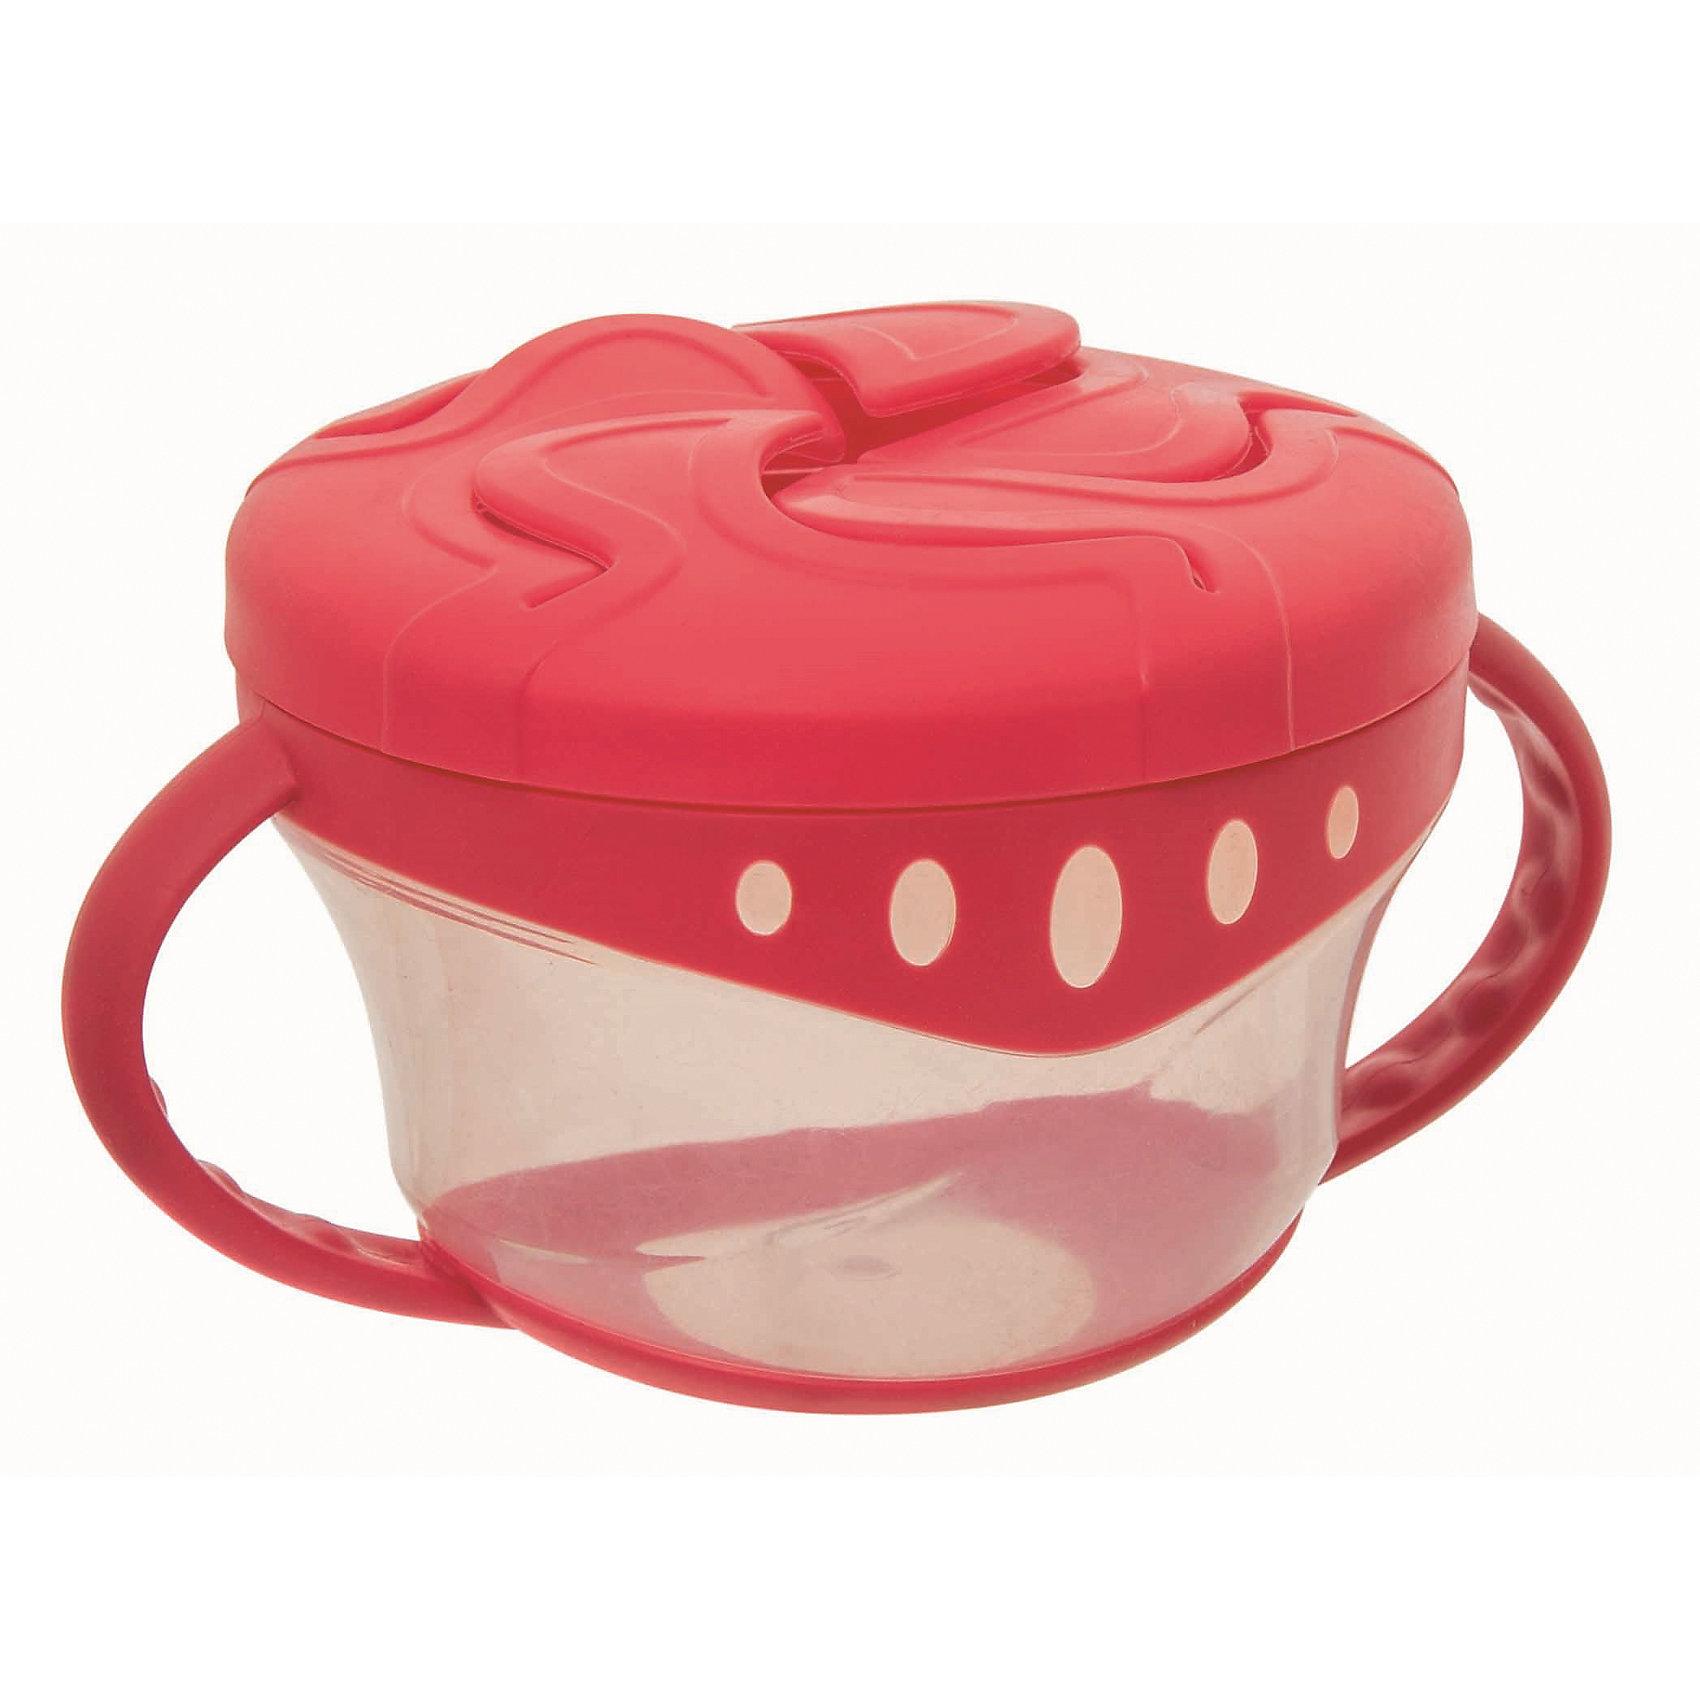 Чашка для сухих завтраков, Мир Детства, красныйПосуда для малышей<br>Чашка для сухих завтраков, Мир Детства, красный.<br><br>Характеристики:<br><br>• Возраст: от 4 месяцев<br>• Диаметр: 7-8 см.<br>• Высота: 6 см.<br>• Цвет: красный<br>• Материал: полипропилен, термопластэластомер<br>• Не содержит Бисфенол-А<br>• Запрещено стерилизовать и разогревать в СВЧ-печи<br>• Разрешено мыть в посудомоечной машине только в верхнем отделении<br><br>Чашка для сухих завтраков разработана специально для хранения детских закусок: печенья, сушек, сухариков. Пластичные лепестки крышки удерживают содержимое чашки таким образом, чтобы малыш мог легко до него добраться, ничего не просыпав. Прозрачные стенки чашки позволяют контролировать объем оставшейся пищи. Легкая компактная чашка особенно удобна в путешествиях. Подходит для ежедневного использования. Незаменима как дома, так и на прогулках.<br><br>Чашку для сухих завтраков, Мир Детства, красную можно купить в нашем интернет-магазине.<br><br>Ширина мм: 70<br>Глубина мм: 100<br>Высота мм: 190<br>Вес г: 80<br>Возраст от месяцев: 4<br>Возраст до месяцев: 24<br>Пол: Унисекс<br>Возраст: Детский<br>SKU: 5439963